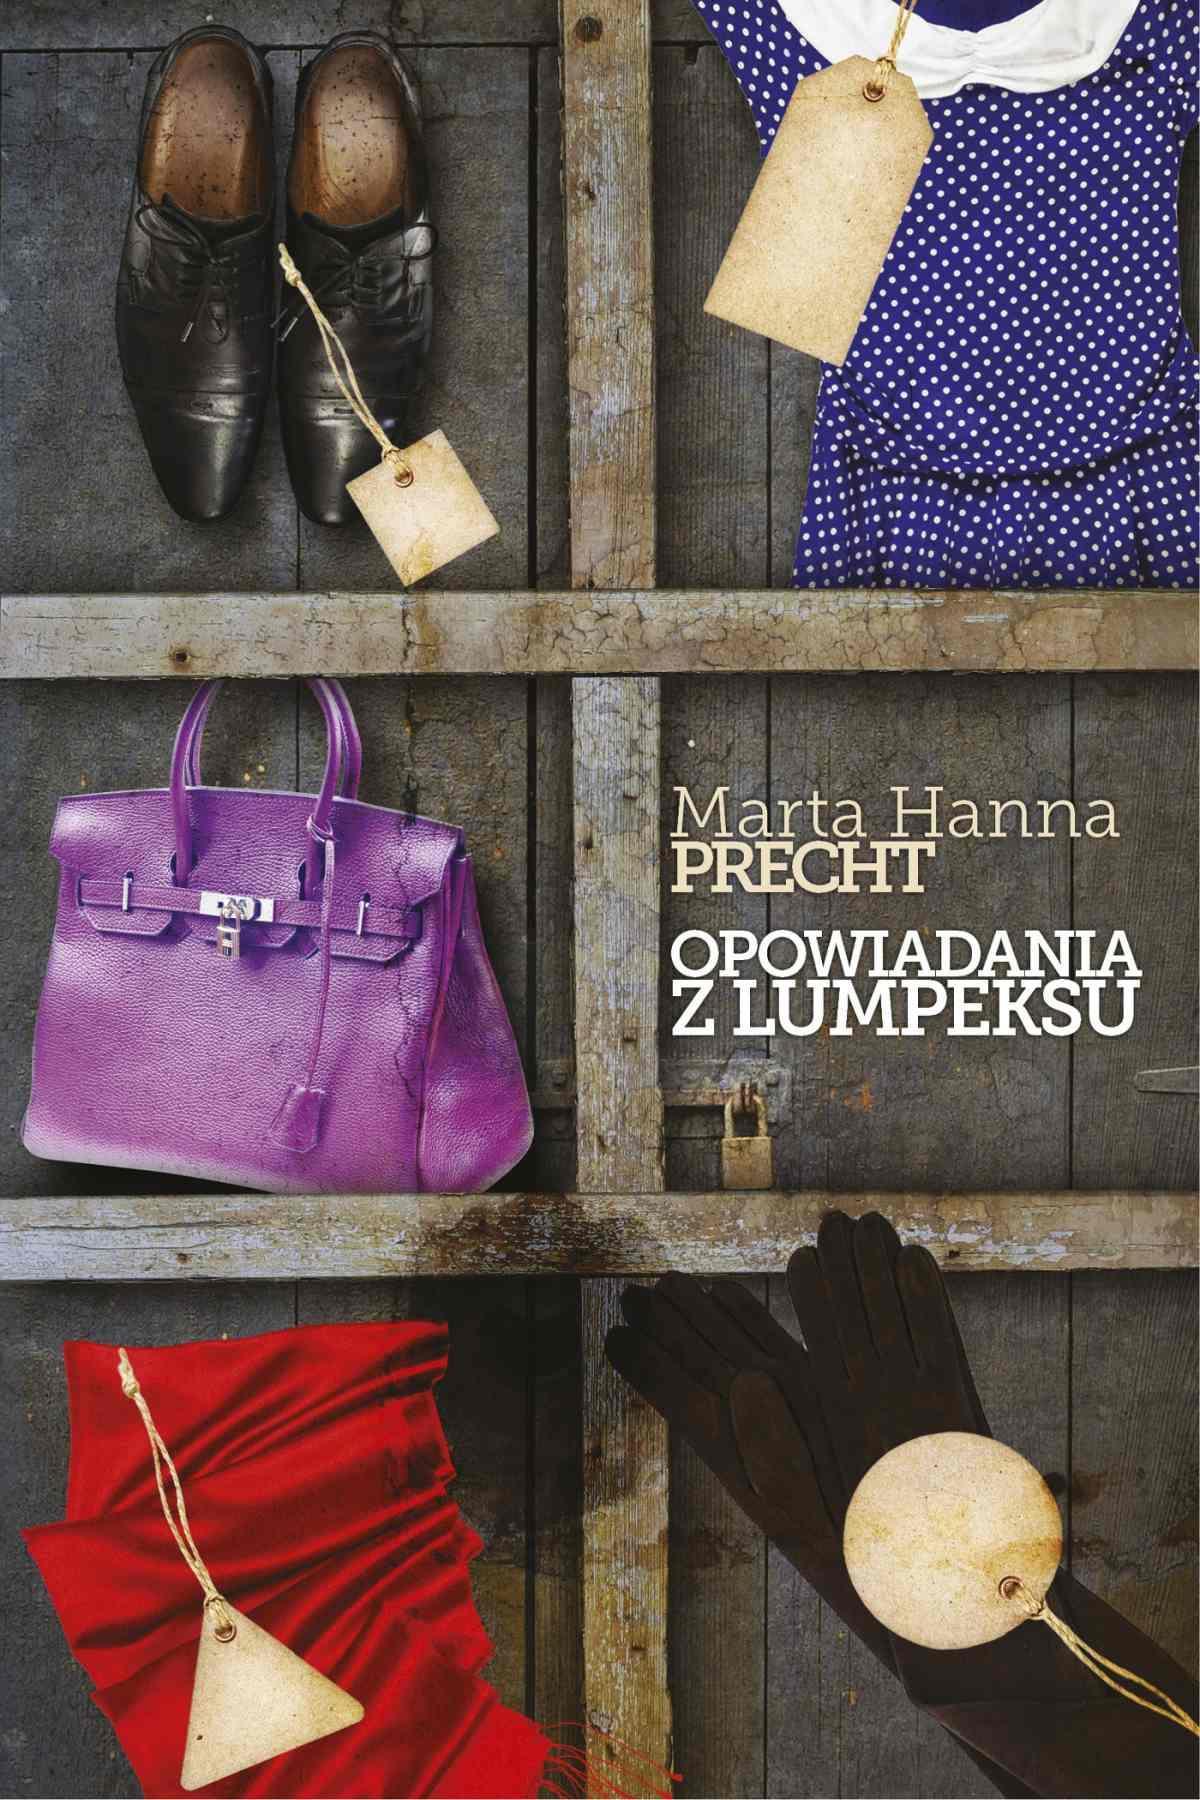 Opowiadania z lumpeksu - Ebook (Książka na Kindle) do pobrania w formacie MOBI